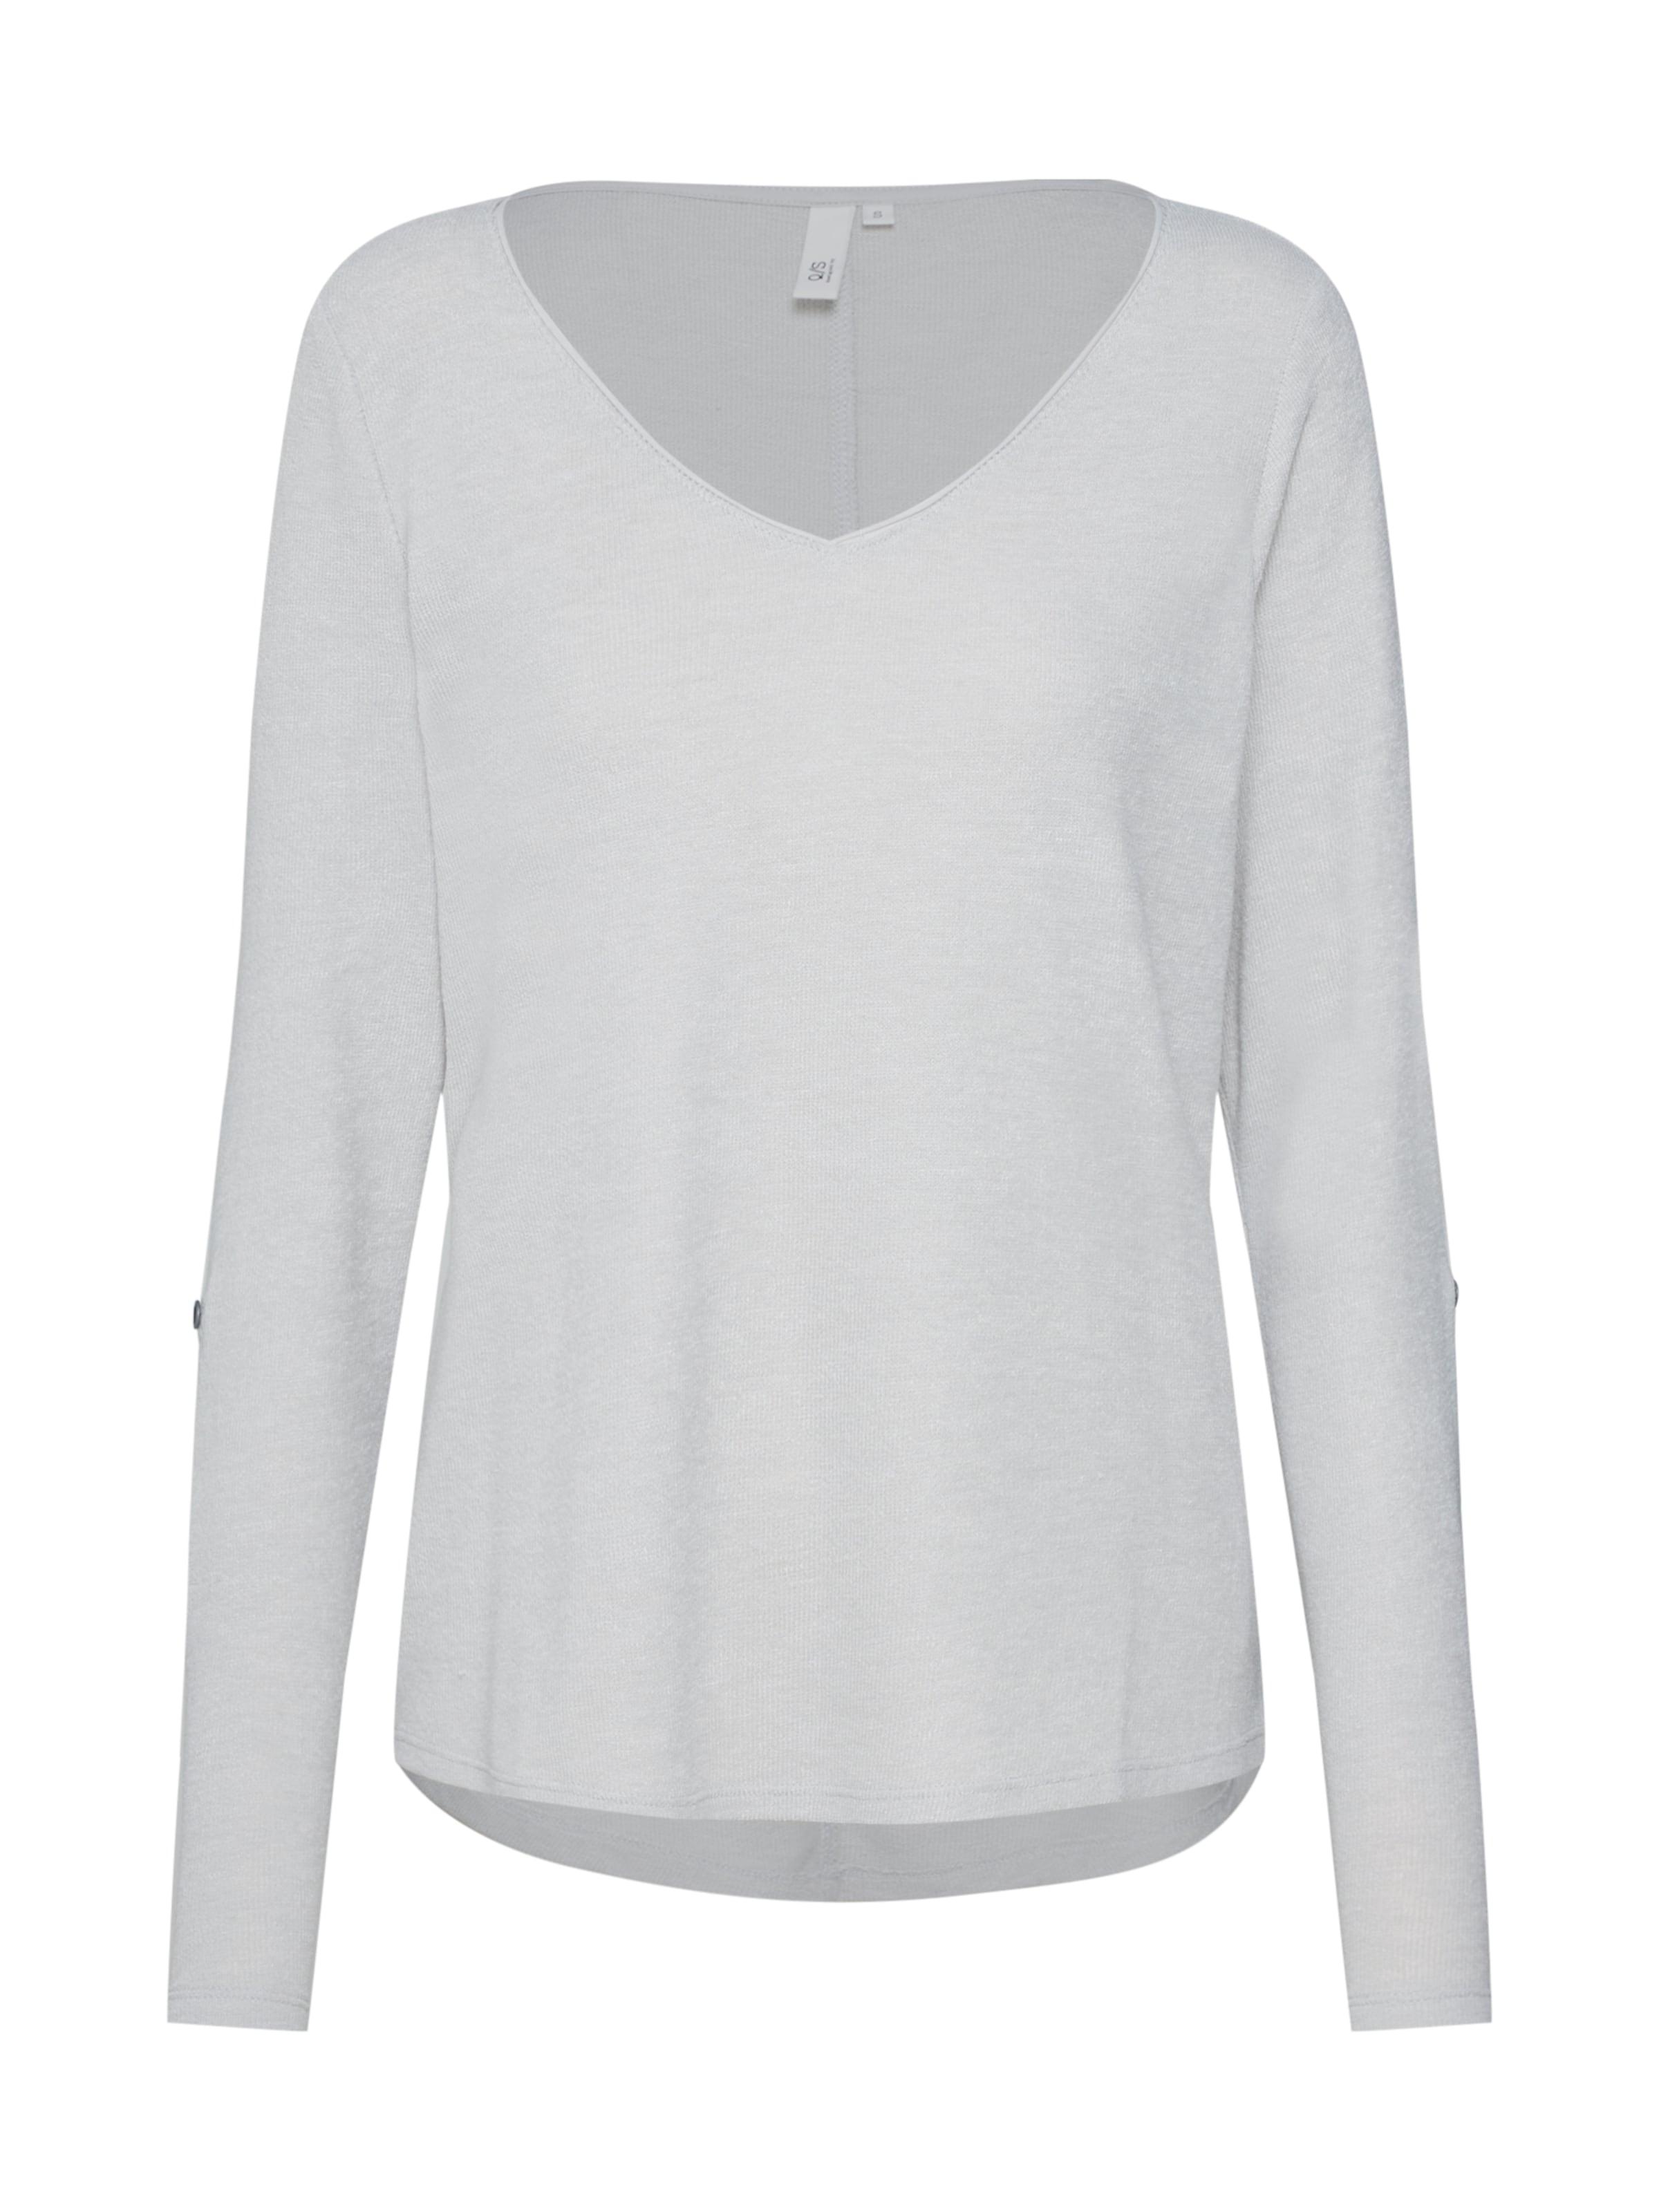 By Argenté Designed En Gris s Q T shirt WE2HD9I